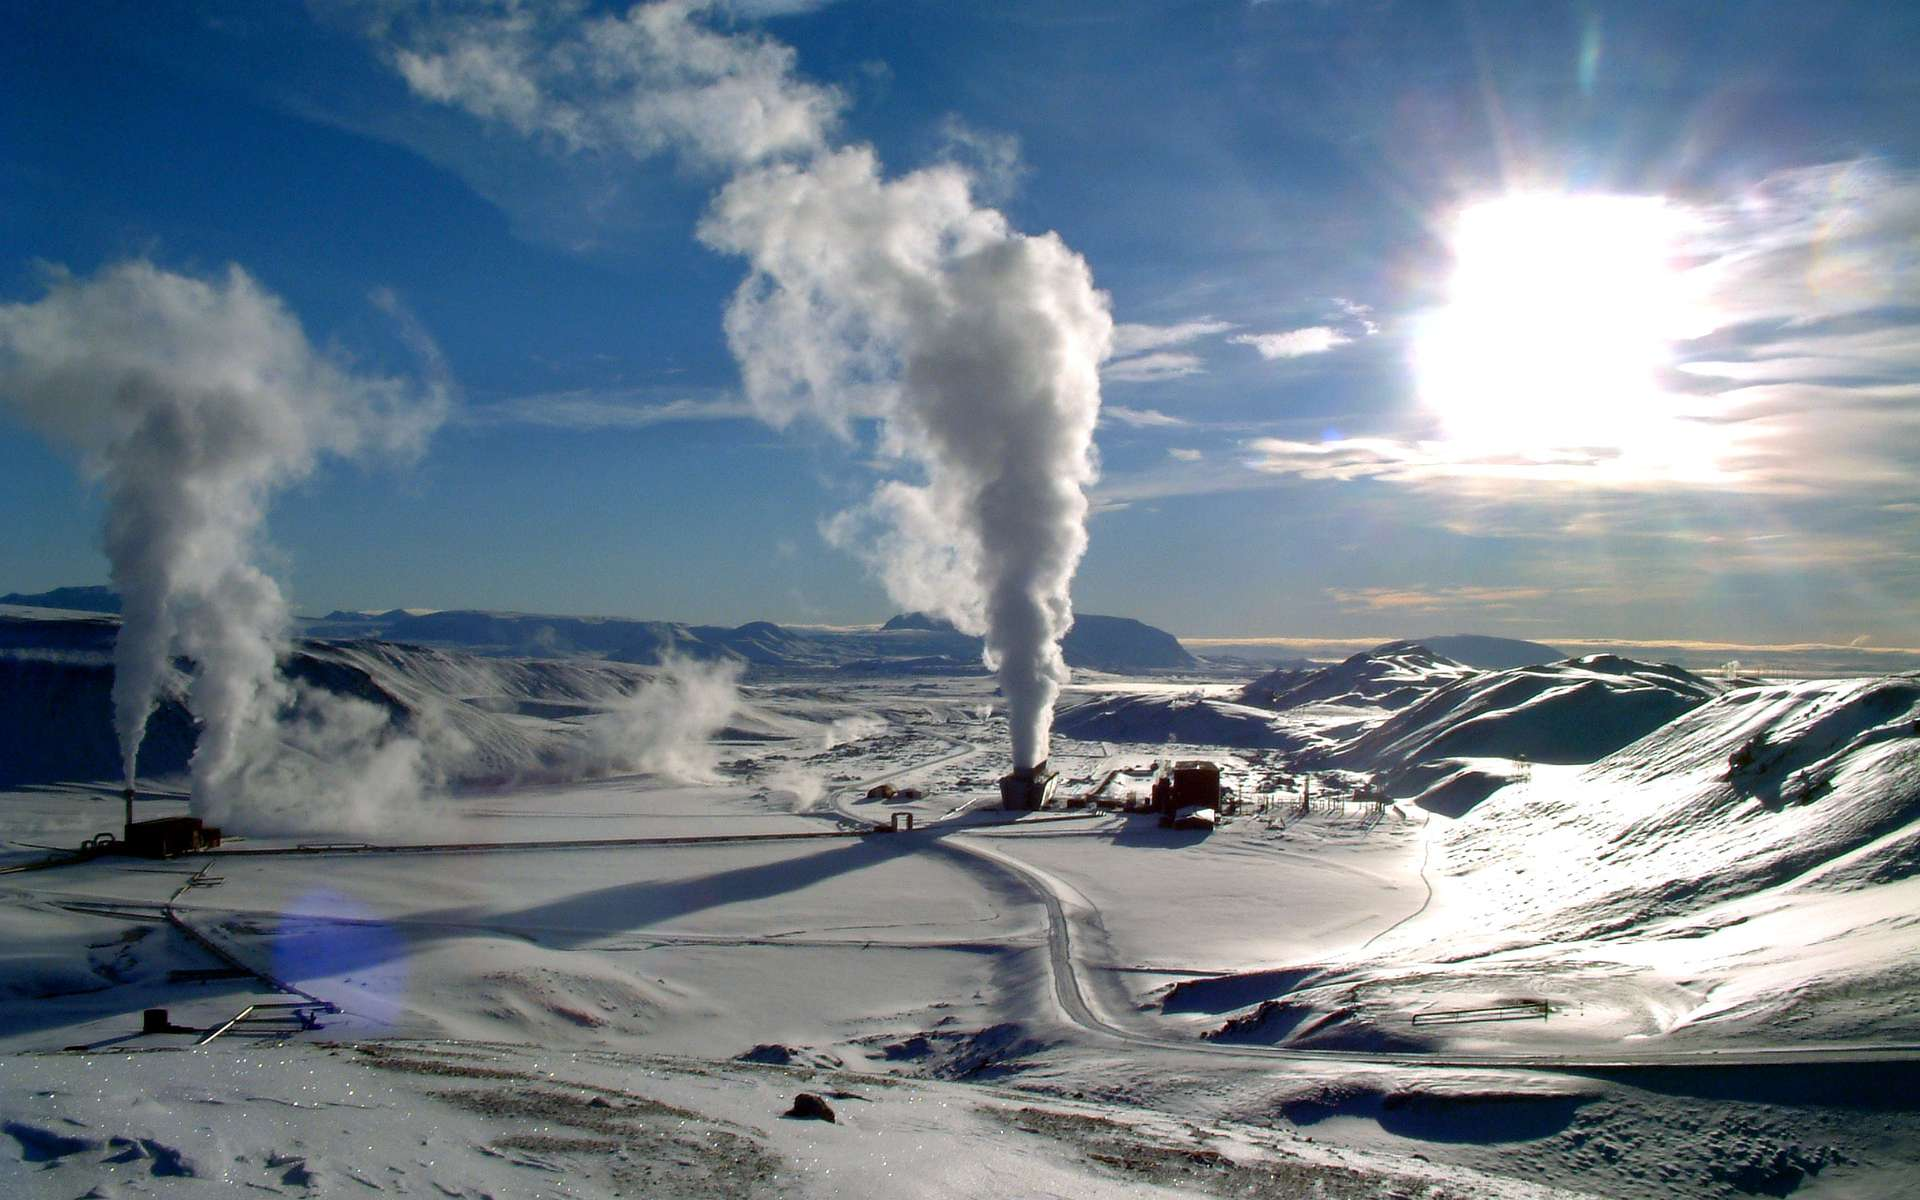 Construite en 1977, la centrale islandaise de Krafla exploite la géothermie à grande échelle, alimentant environ 20 % de la population de l'île en électricité. Les régions volcaniques ne sont pas les seules à se prêter à la géothermie. © Ásgeir Eggertsson, CC by-nc-sa 3.0